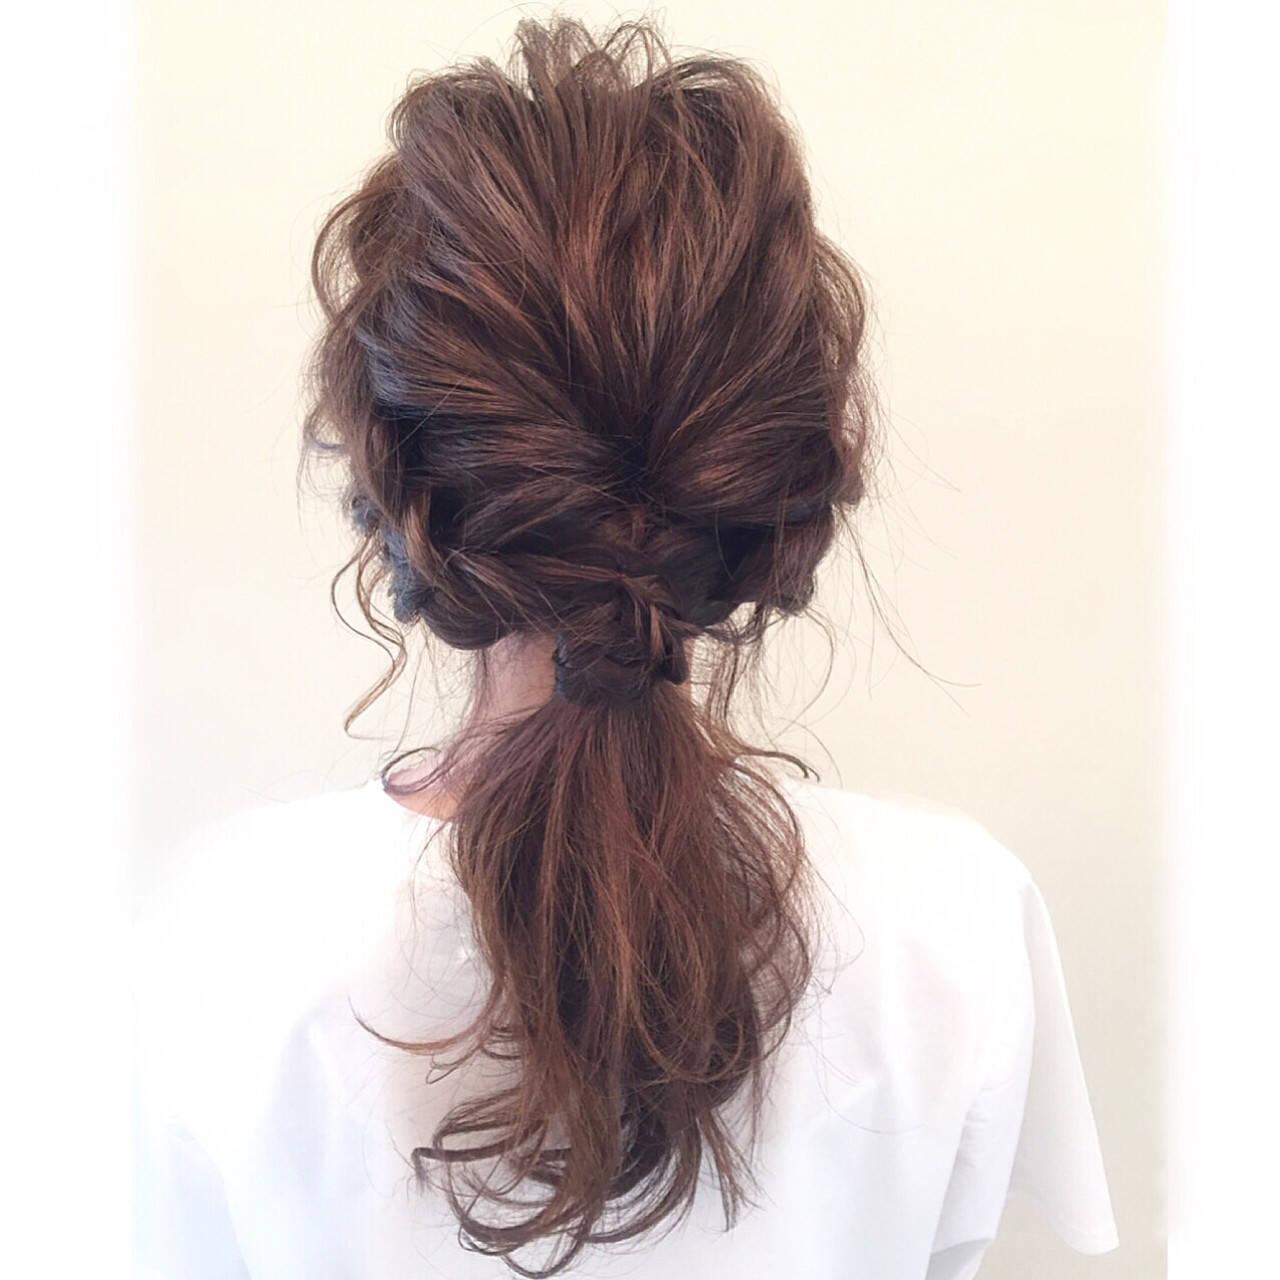 大人女子 ハーフアップ ヘアアレンジ 簡単ヘアアレンジヘアスタイルや髪型の写真・画像